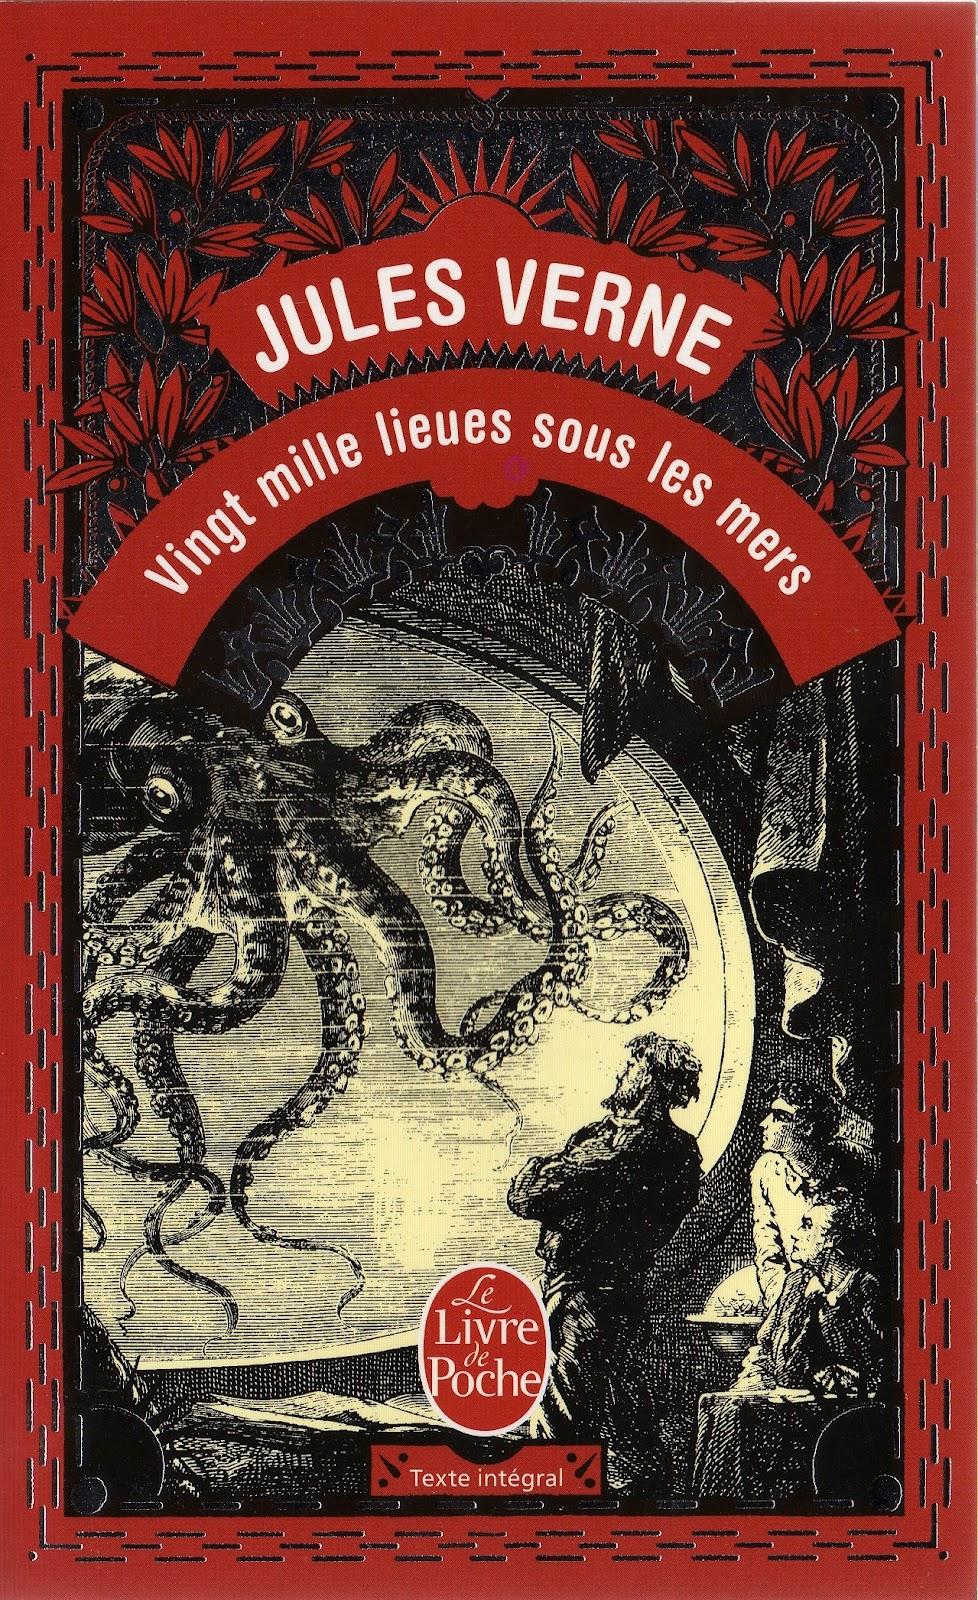 Jules verne 27 05 12 3 06 12 - Cent mille lieues sous les mers ...